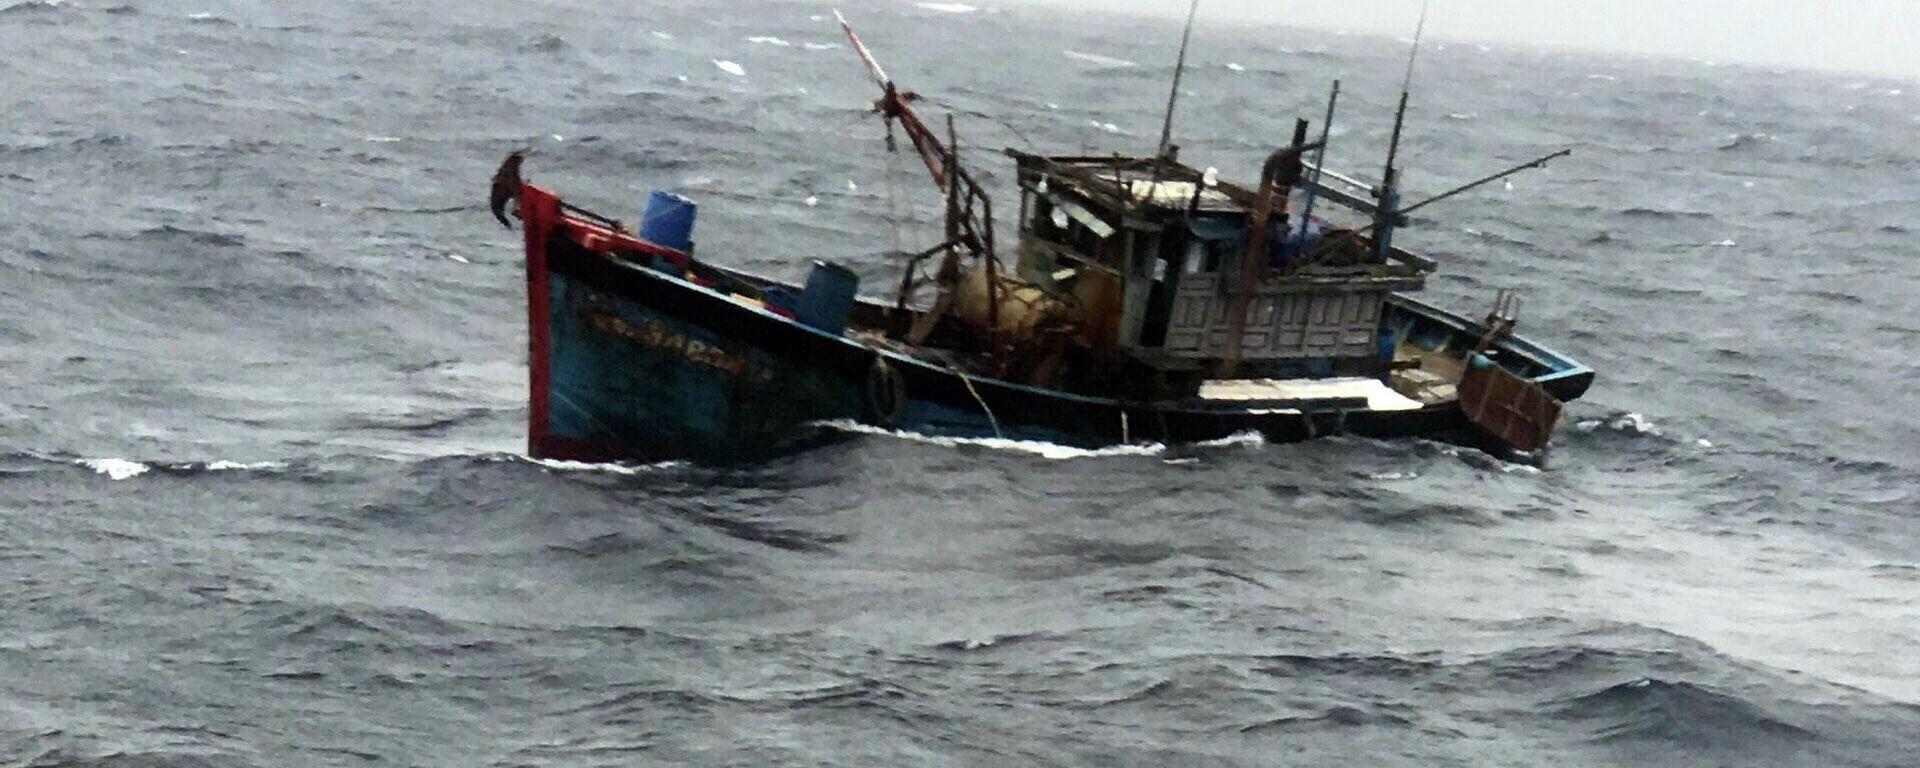 Tàu cá gặp nạn trên biển trong thời tiết nguy hiểm. - Sputnik Việt Nam, 1920, 07.10.2021